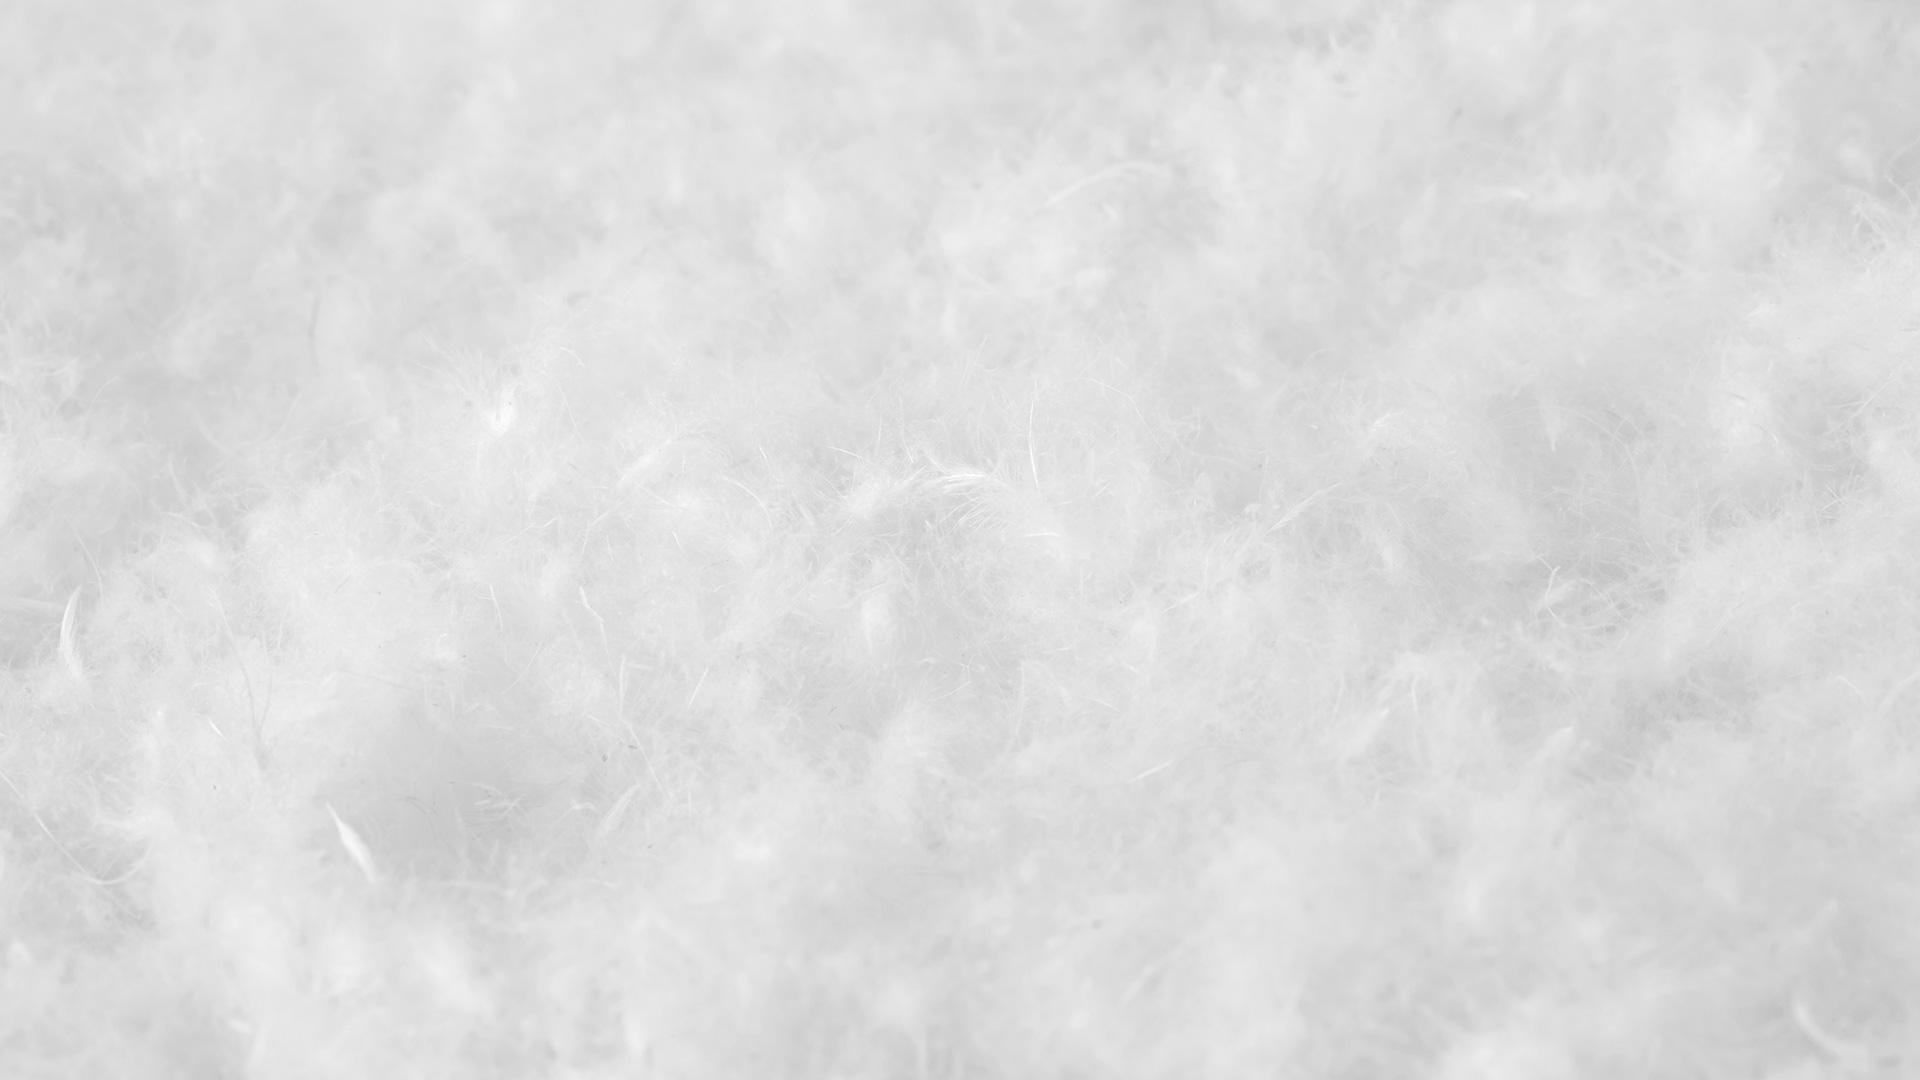 填充净重、含绒量以及蓬松度三个因素决定了鸭绒性能的好坏。我们取白鸭翅下、腹下的朵状初生绒毛,经过8个流程精细加工而成,所得填充鸭绒绒朵大绒梗小,含绒量高达70%。其自身的高透气性更减少螨虫等细菌滋生。?x-oss-process=image/format,jpg/interlace,1